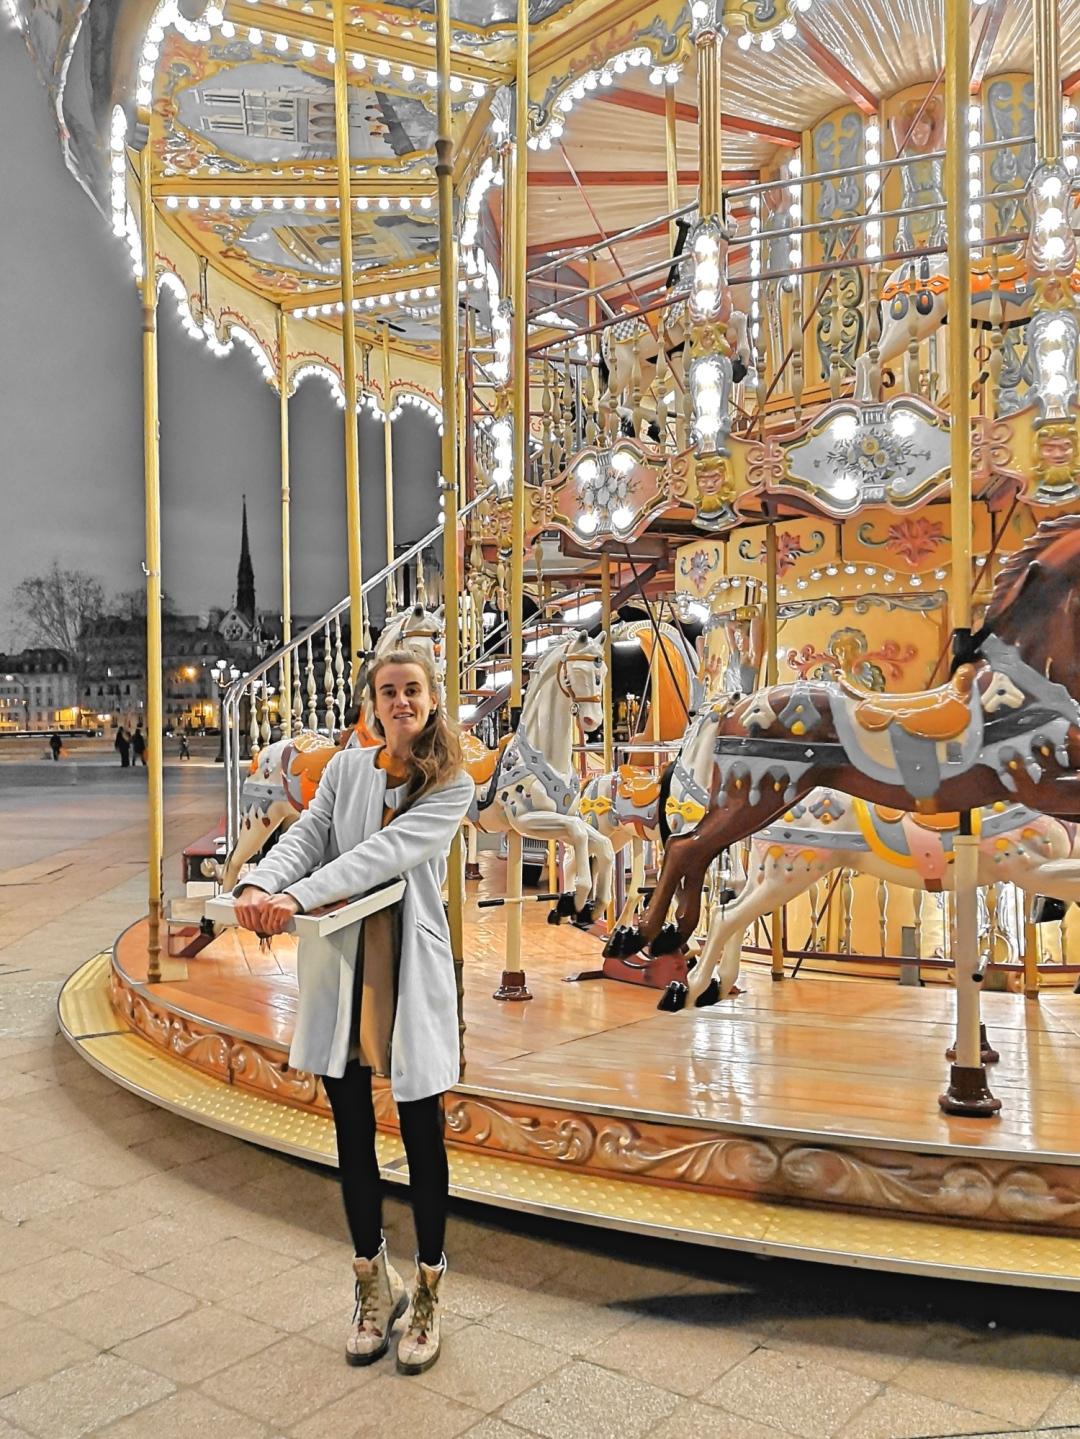 Carousel Notre Dame Paris